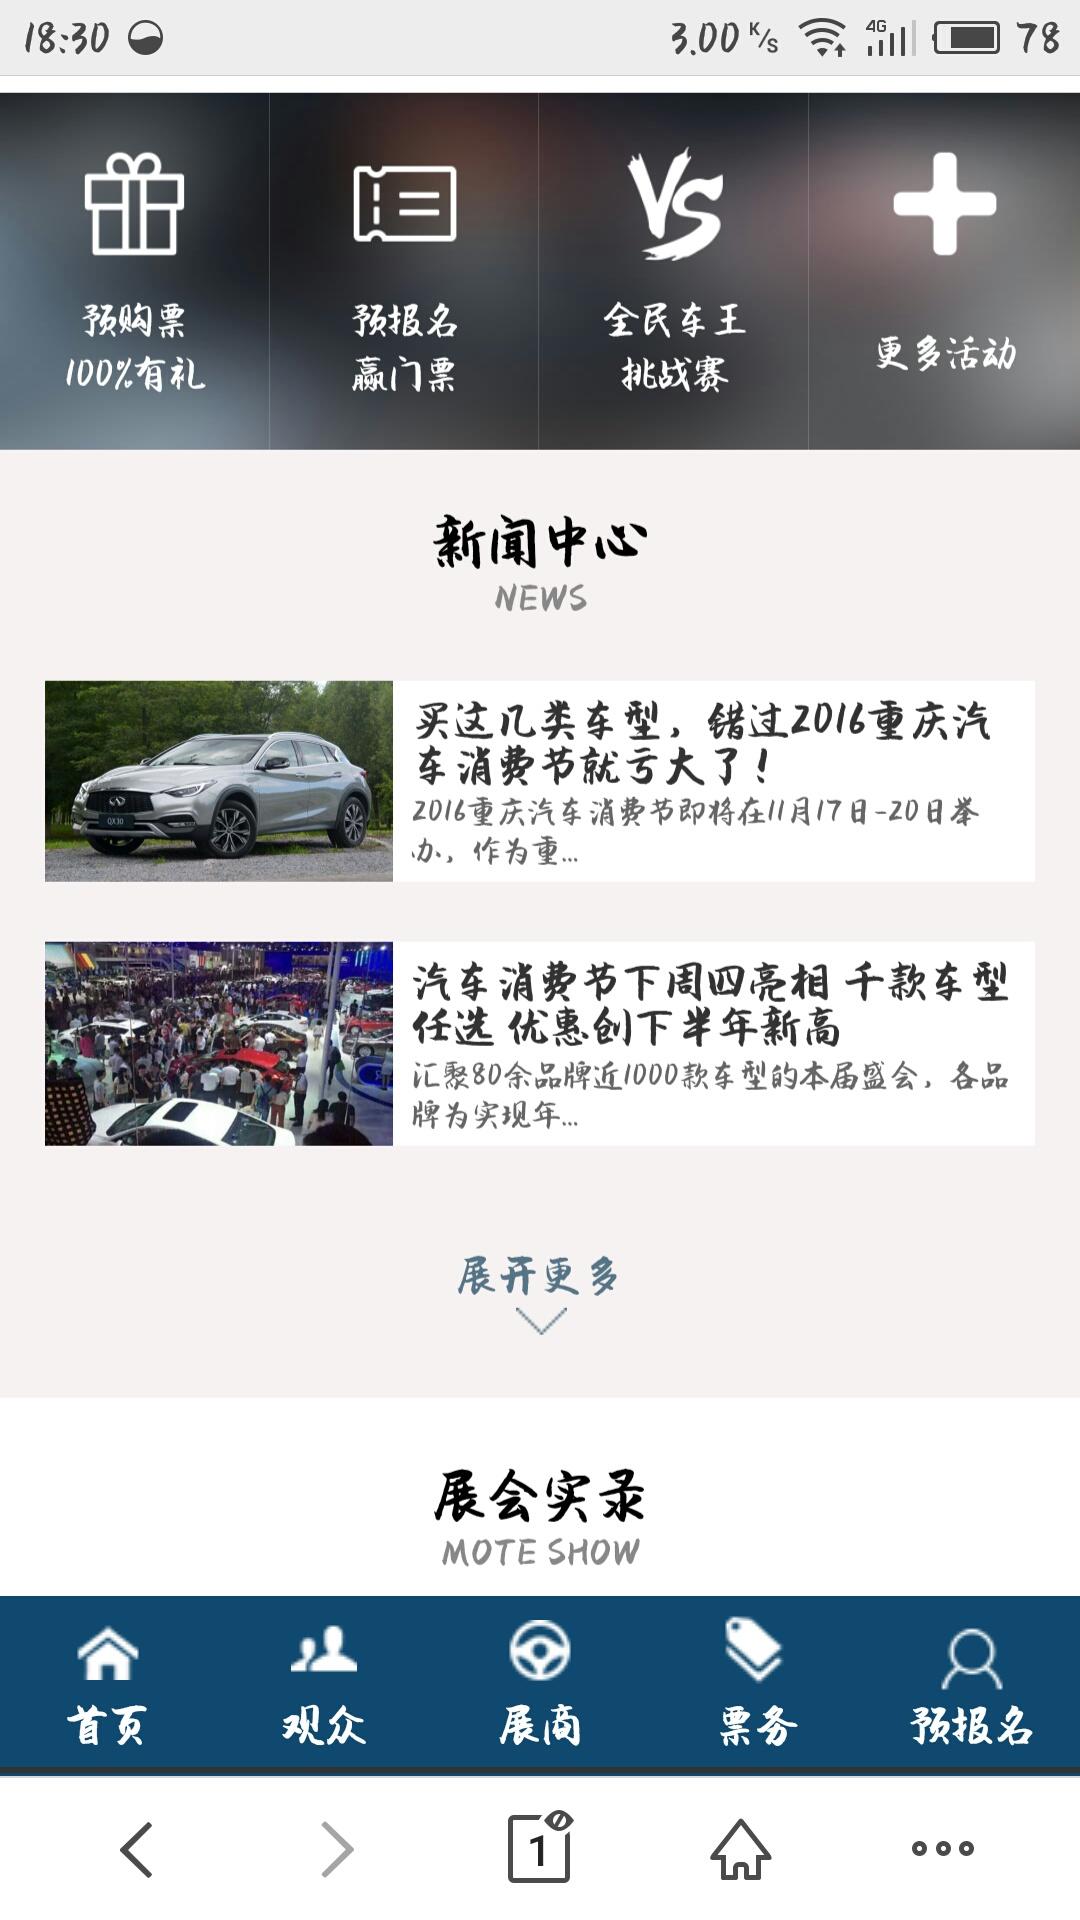 重庆网站设计消费节